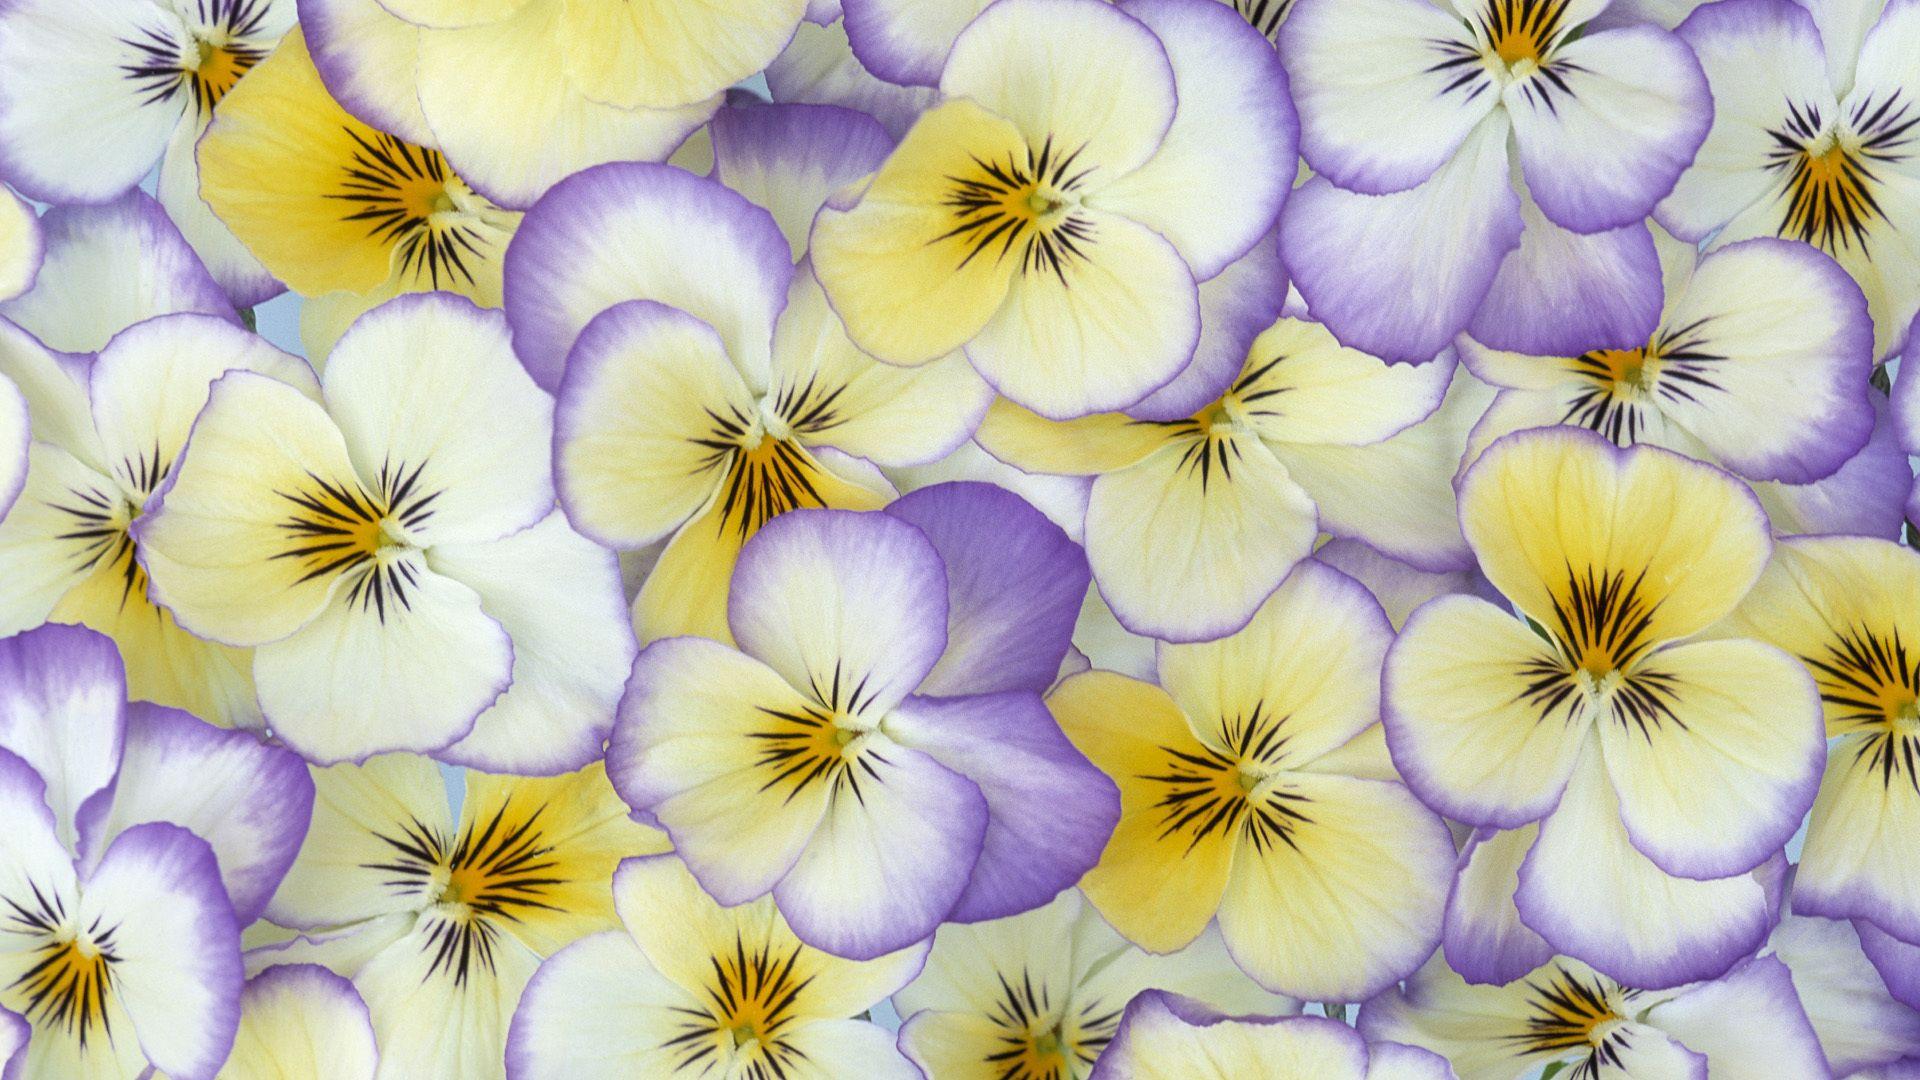 Beautiful Pansy Flower Petals Pansies Flowers Violet Flower Pansies